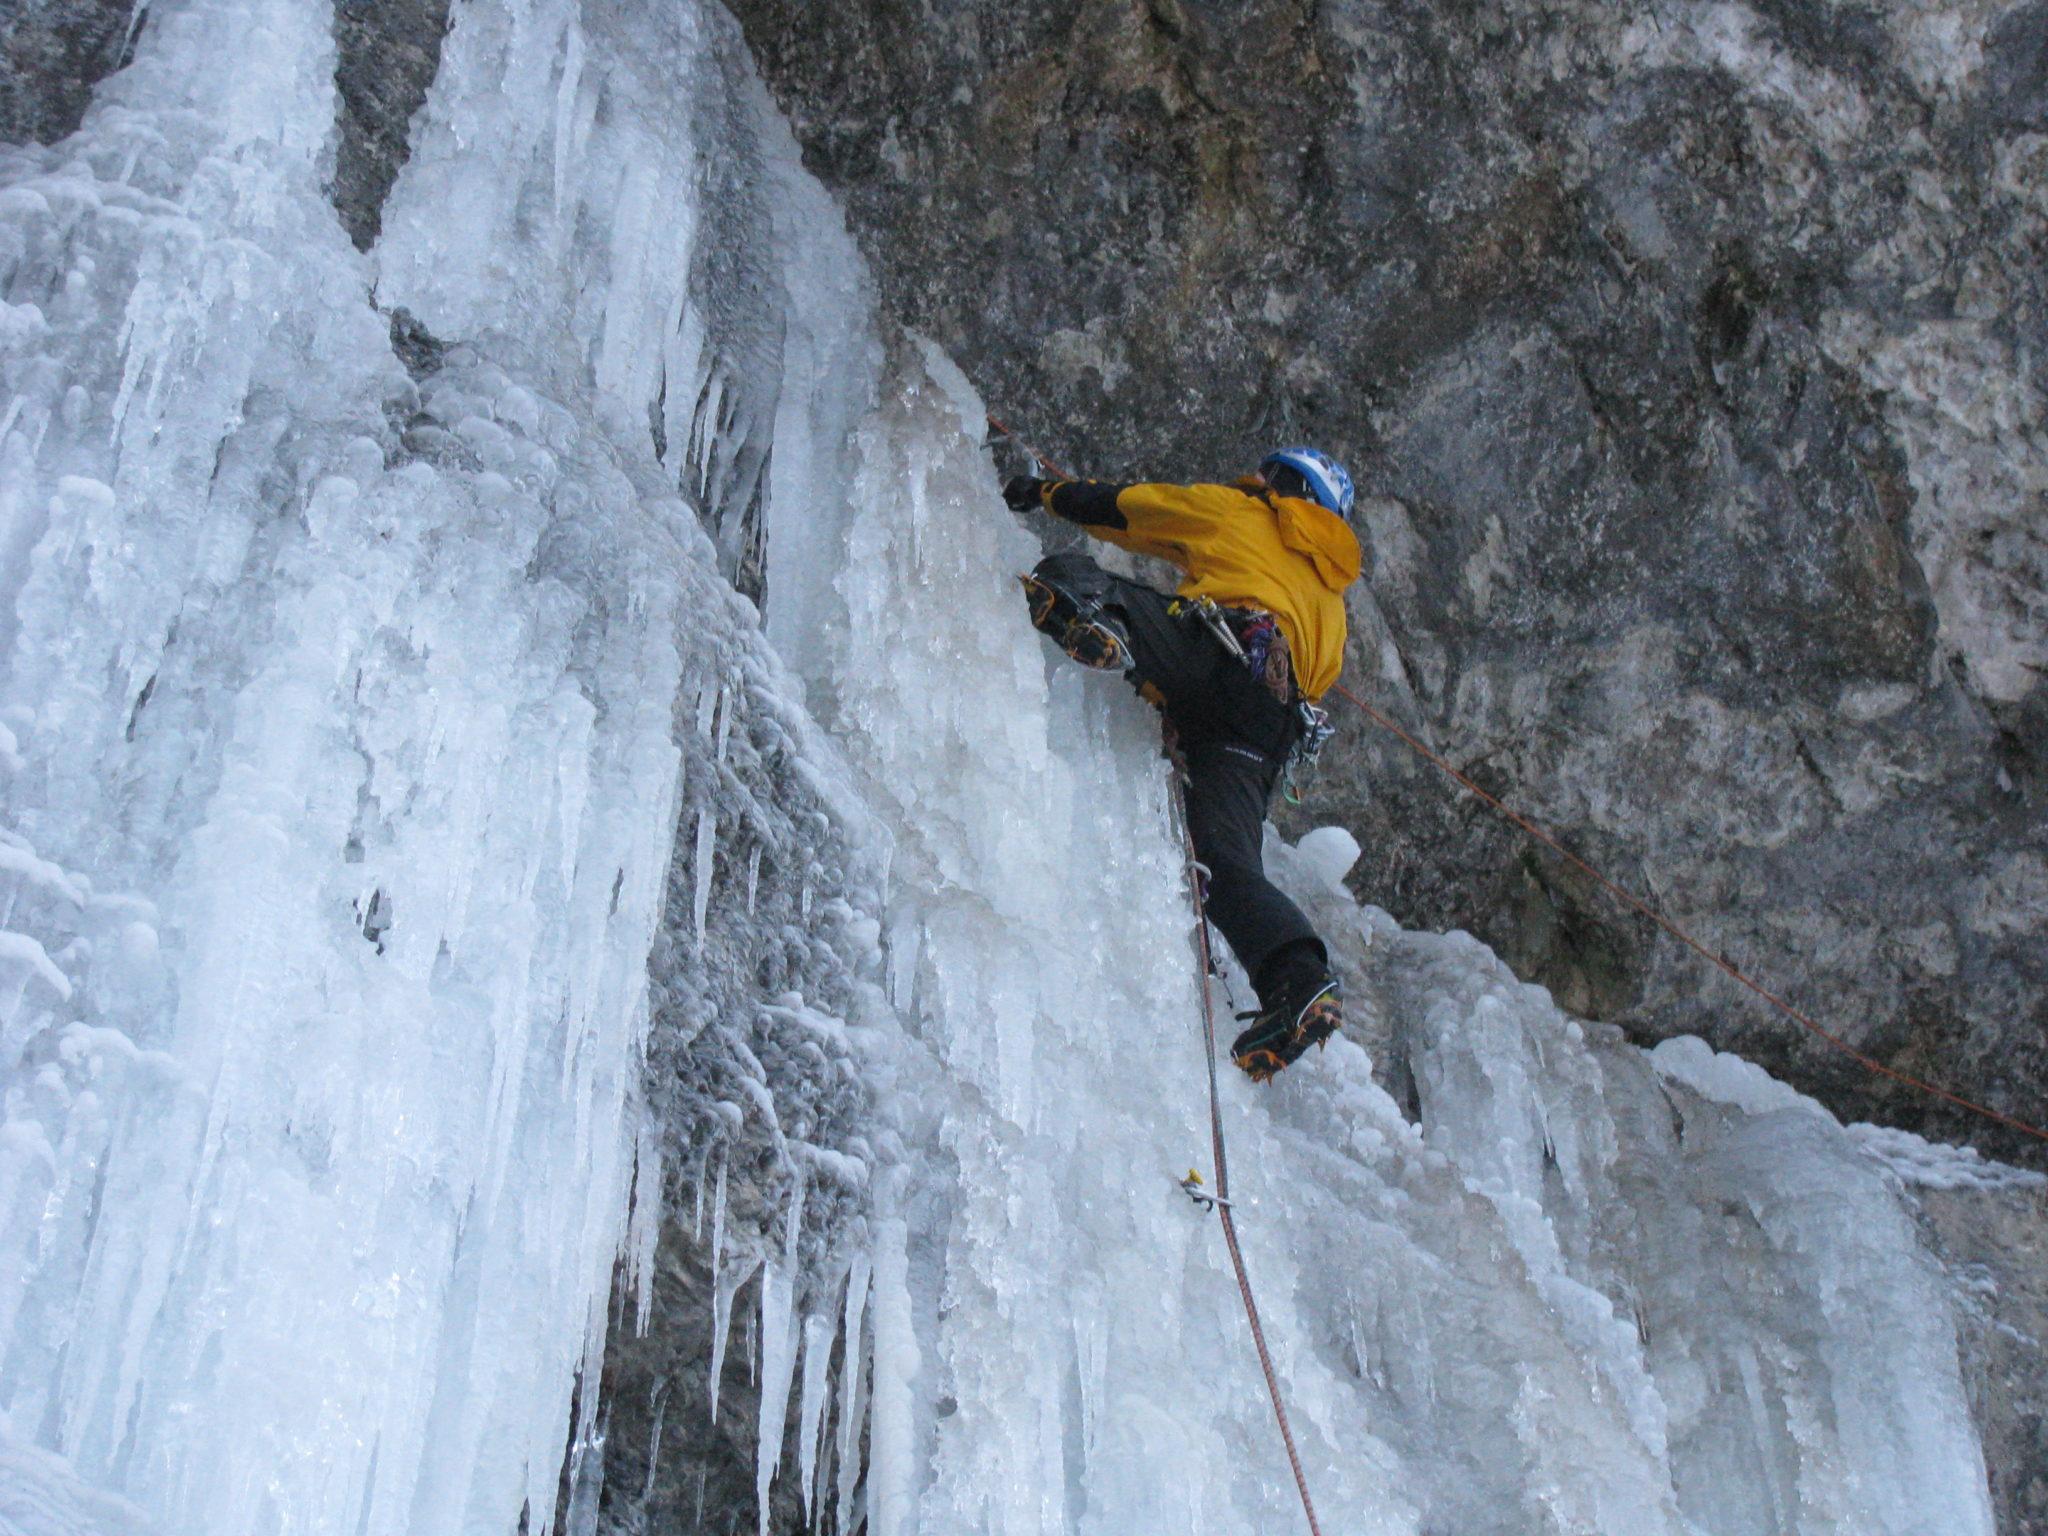 Eisklettern bei der Erlebniswelt Muotathal